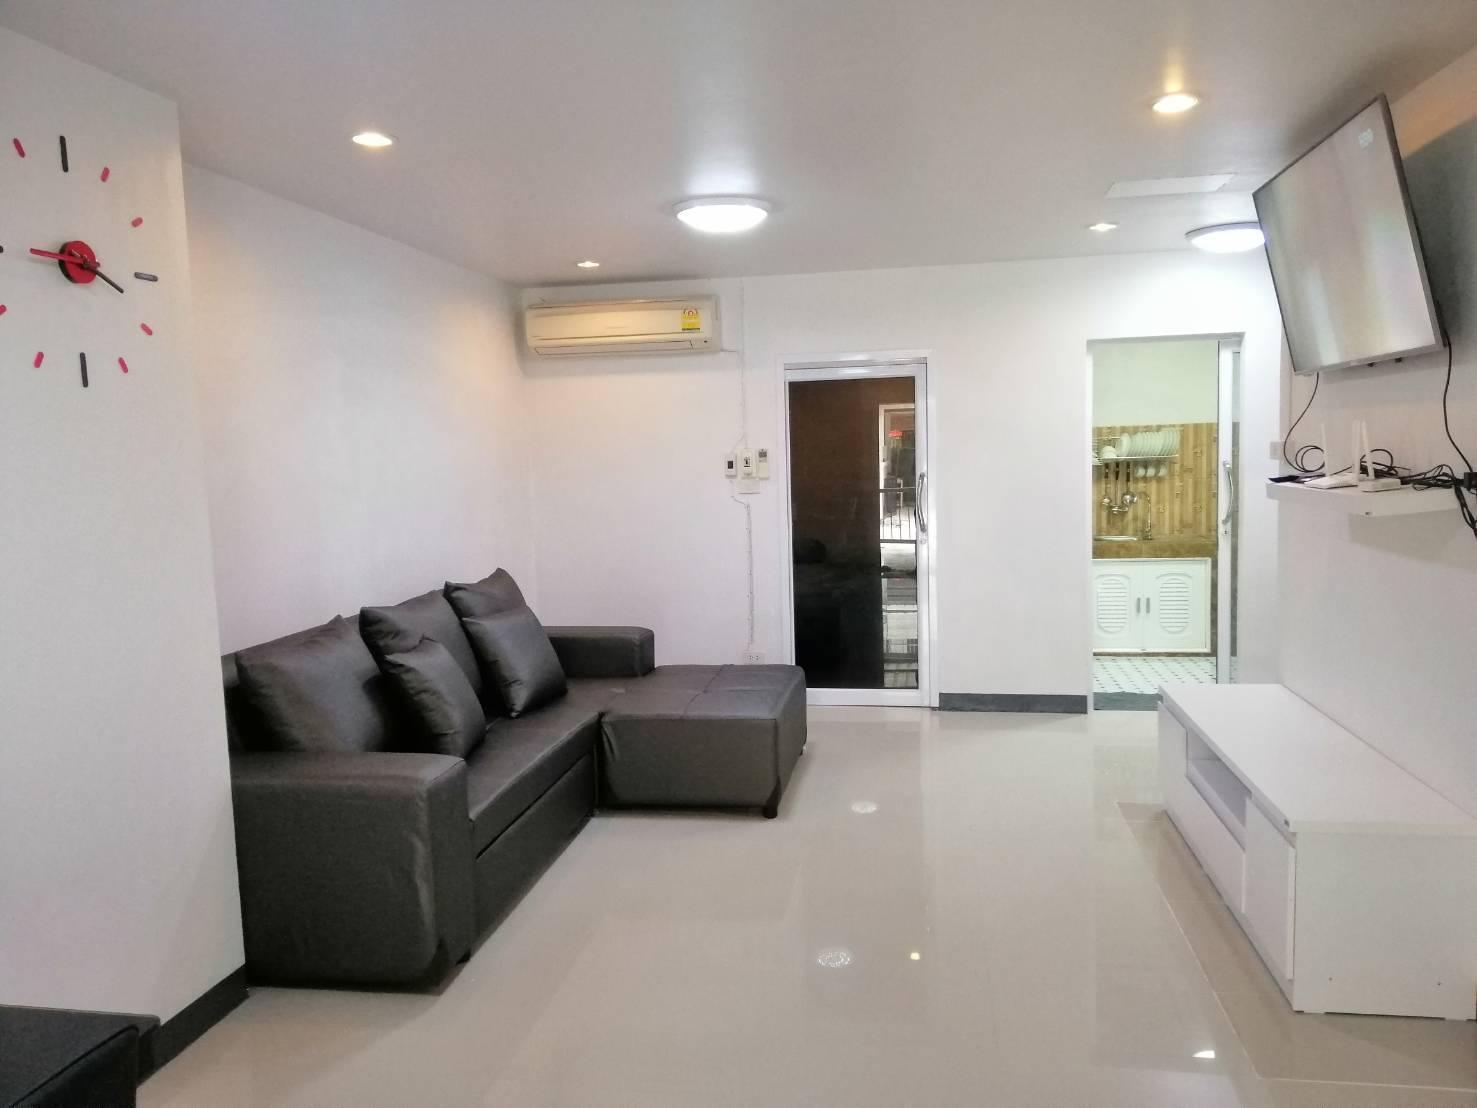 NB Bangsaen house @ KL2 บ้านเดี่ยว 4 ห้องนอน 2 ห้องน้ำส่วนตัว ขนาด 120 ตร.ม. – บางแสน